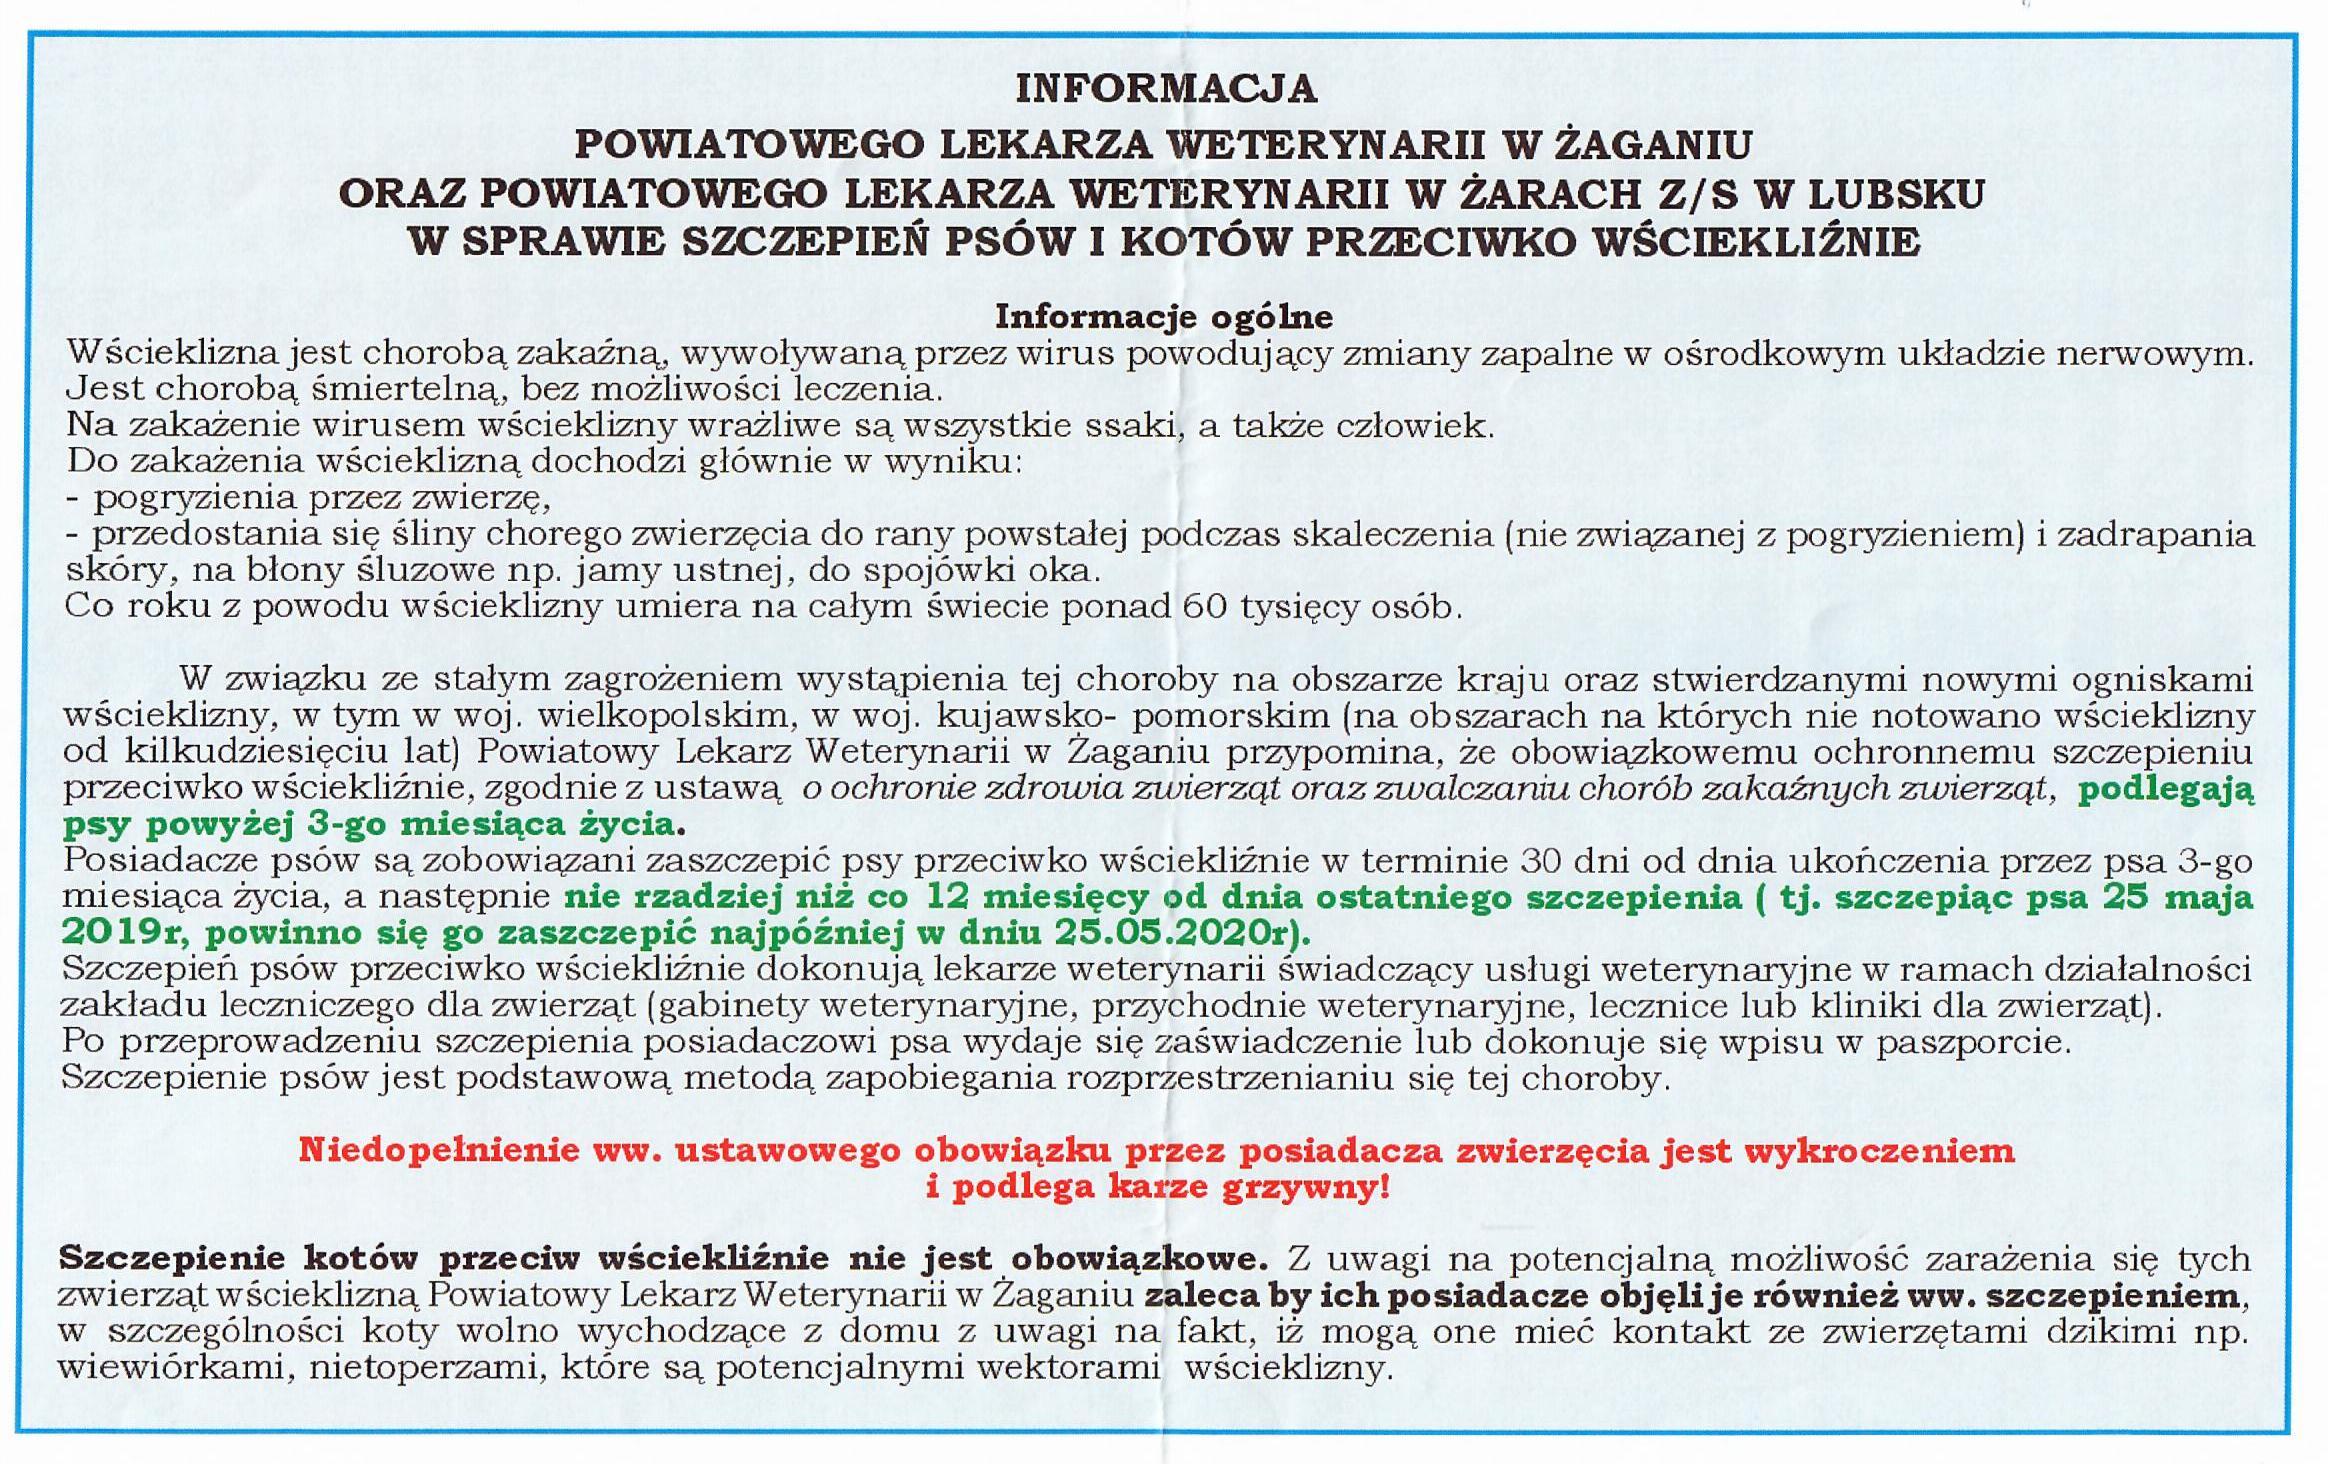 Ilustracja do informacji: Informacja o szczepieniu przeciwko wściekliźnie